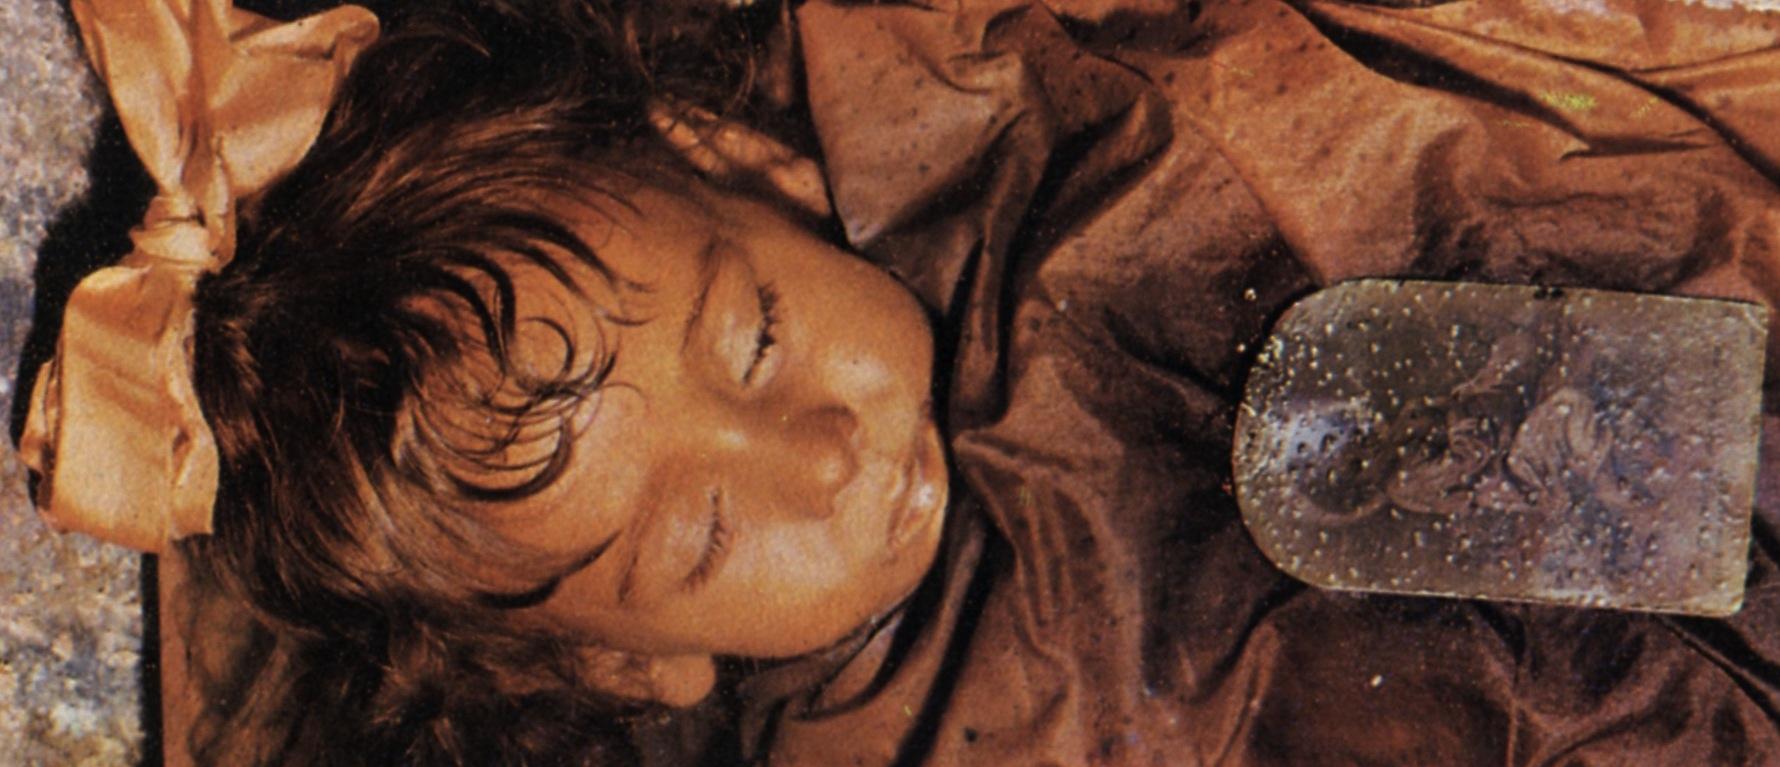 Rosalia Lombardo Mummy - Capuchin Catacombs - Palermo, Italy